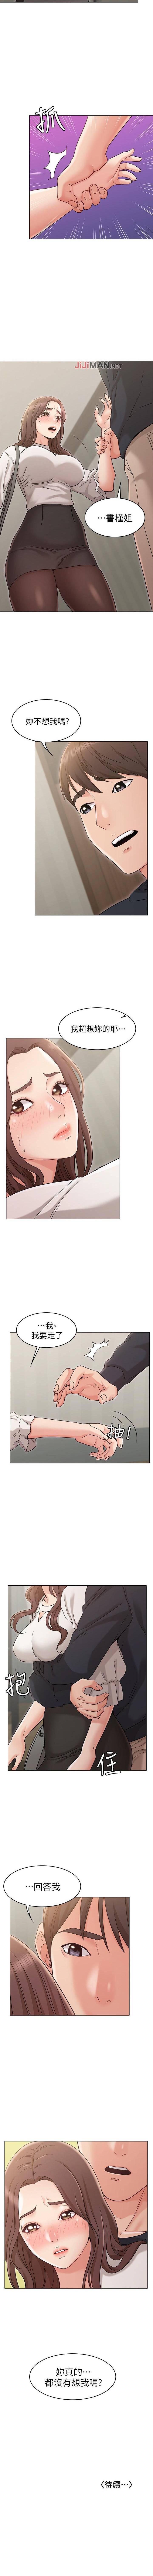 【周六连载】女友的姐姐(作者:橡果人&獵狗) 第1~23话 139